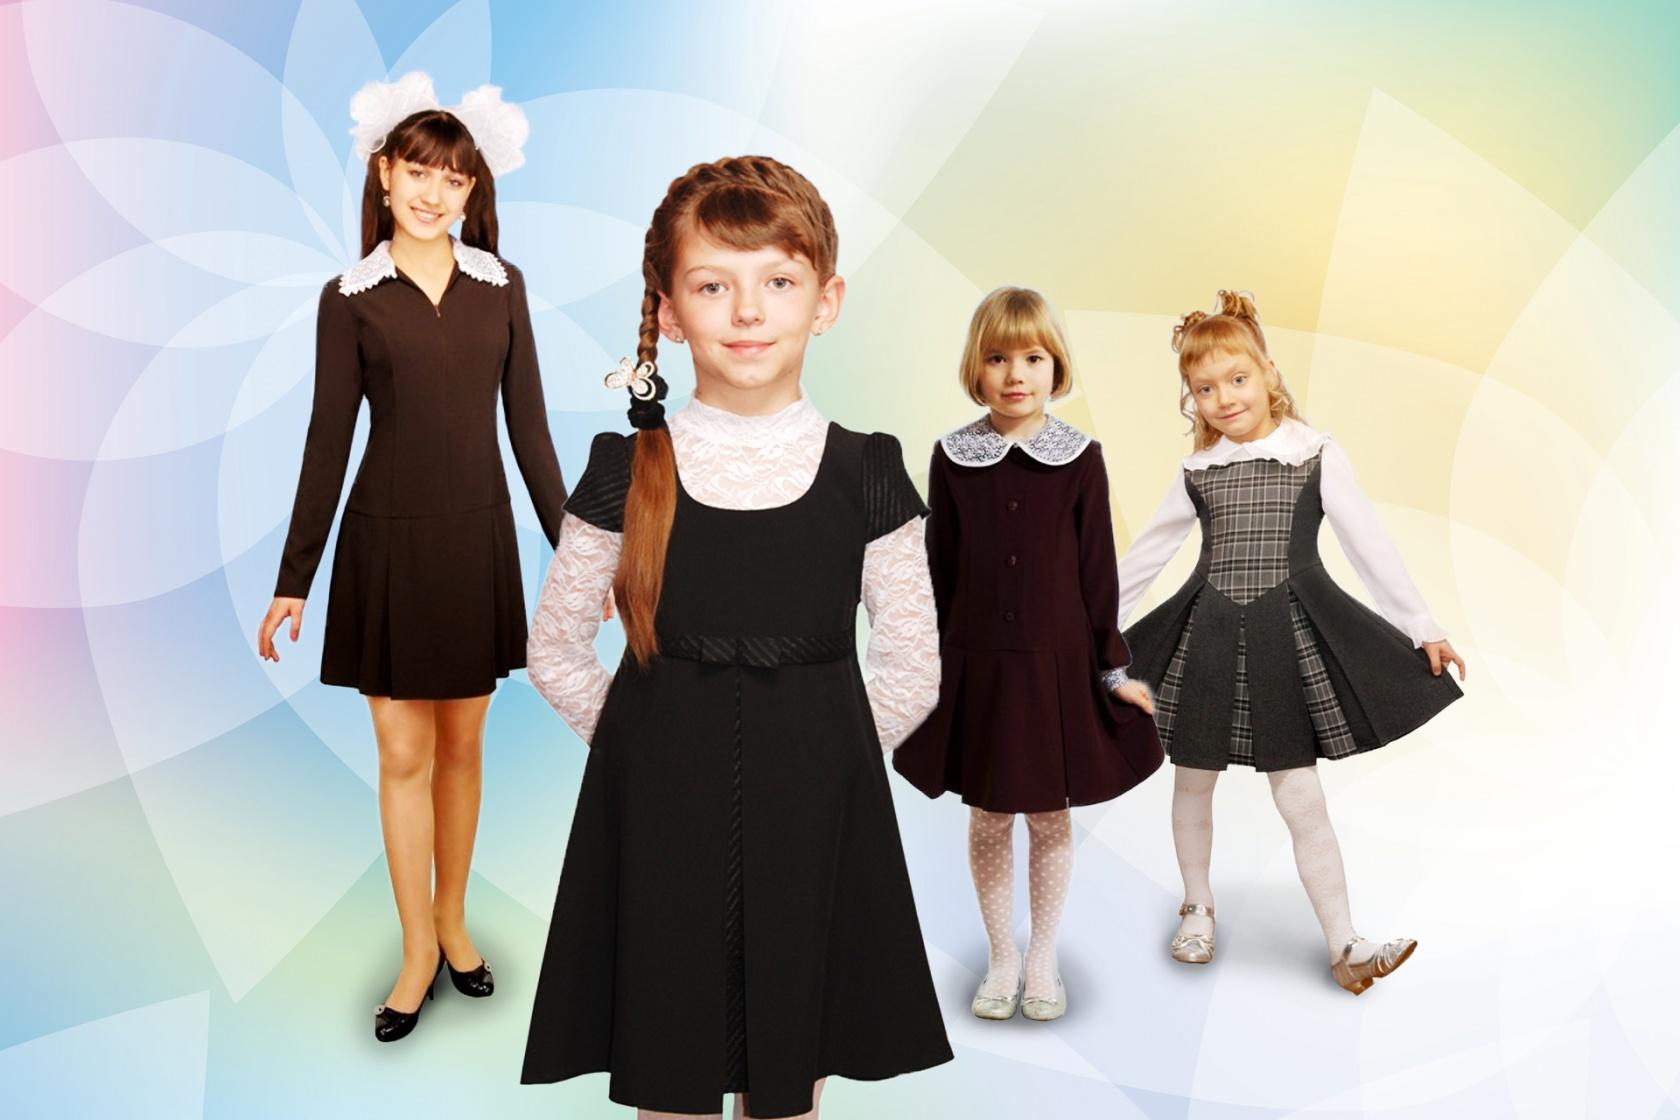 широкому размерному ряду (от 28-го до 54-го) здесь можно подобрать красивое платье фартук для школьниц всех возрастов и любой комплекции. Будьте уверены, платье сядет по фигуре!